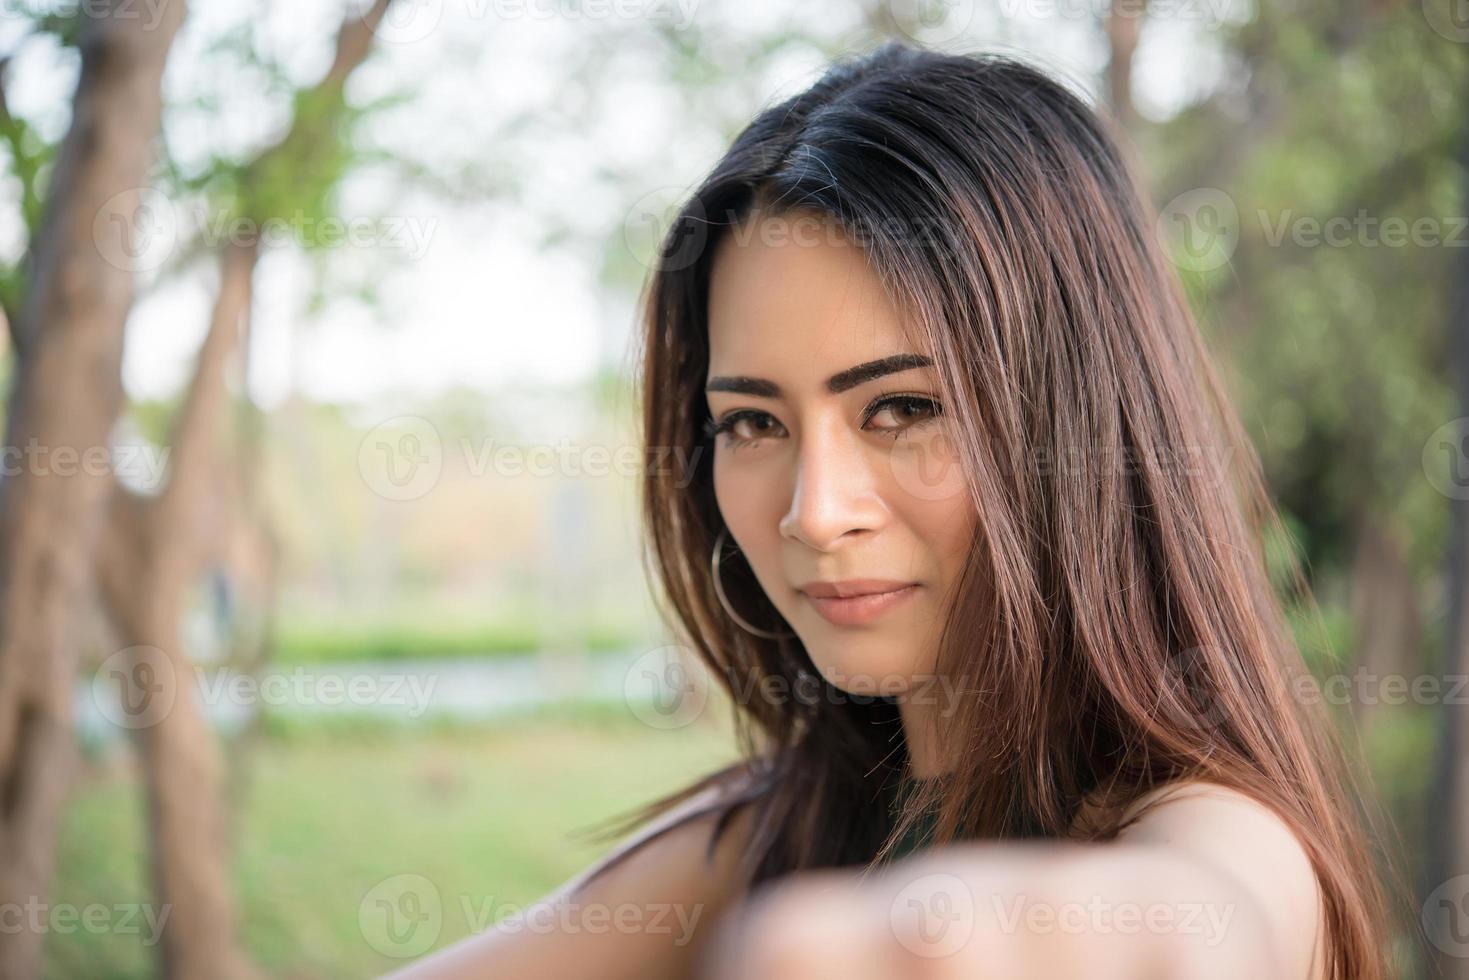 porträtt av en leende flicka som kopplar av i naturen parkerar utomhus foto